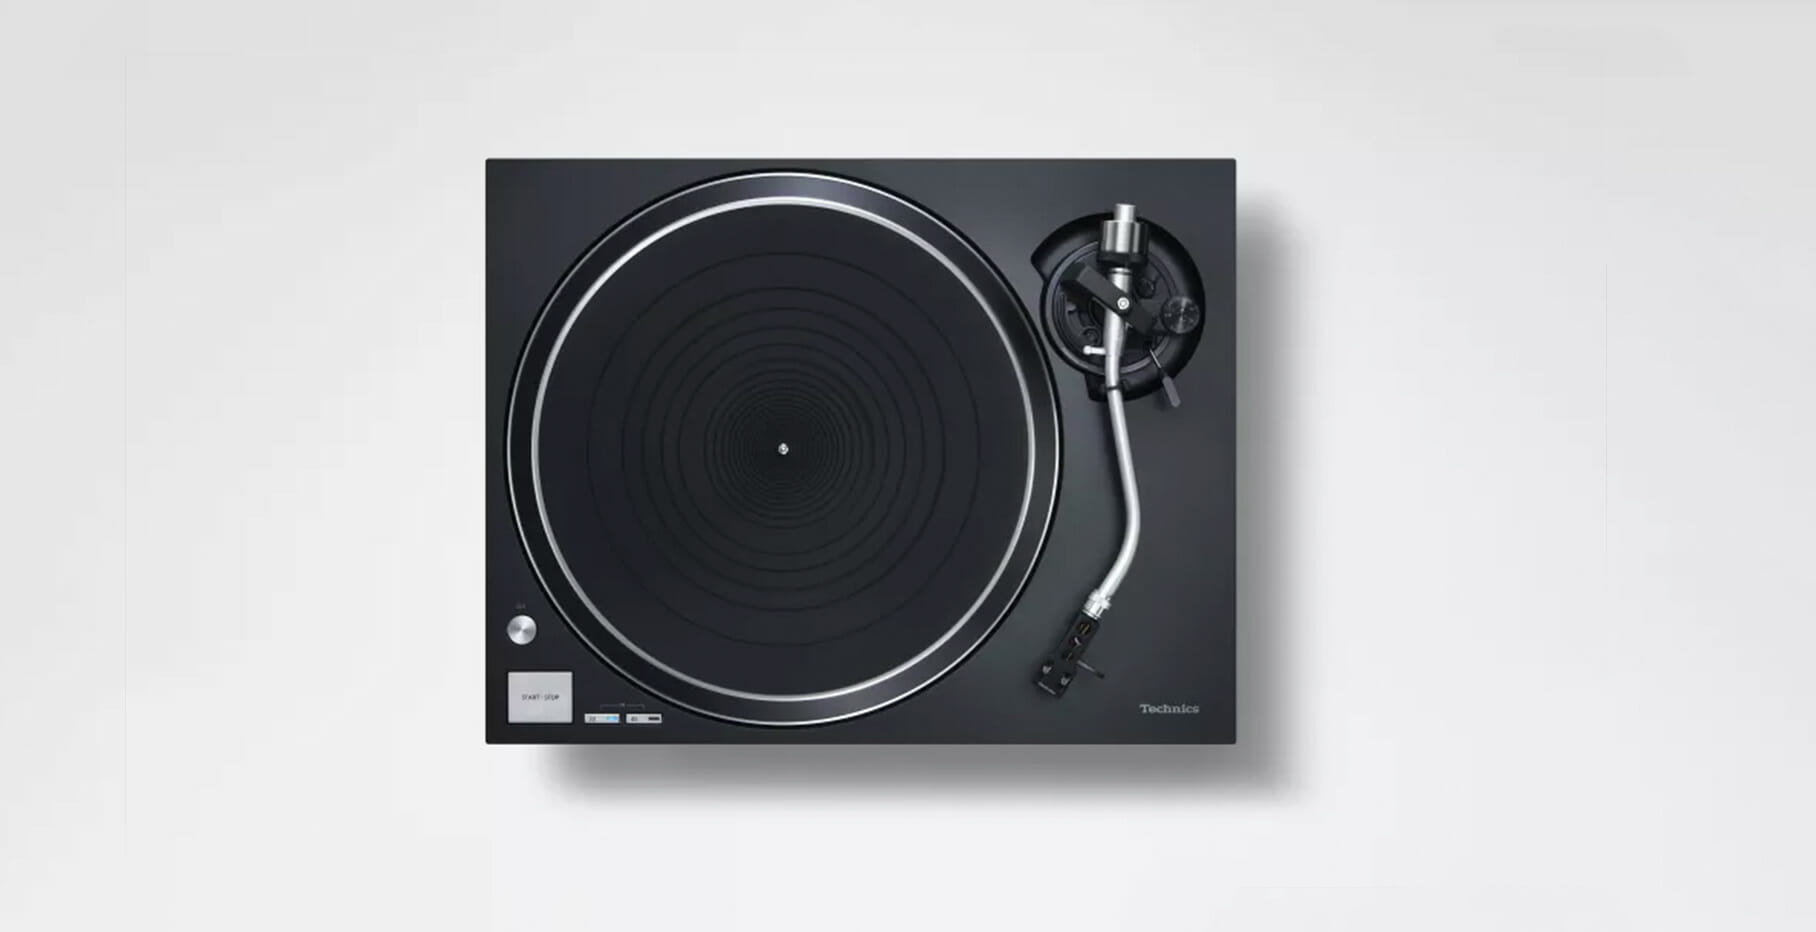 """El nuevo tocadiscos SL-100C """"asequible"""" de Technics no tiene atenuador de tono ... 5"""